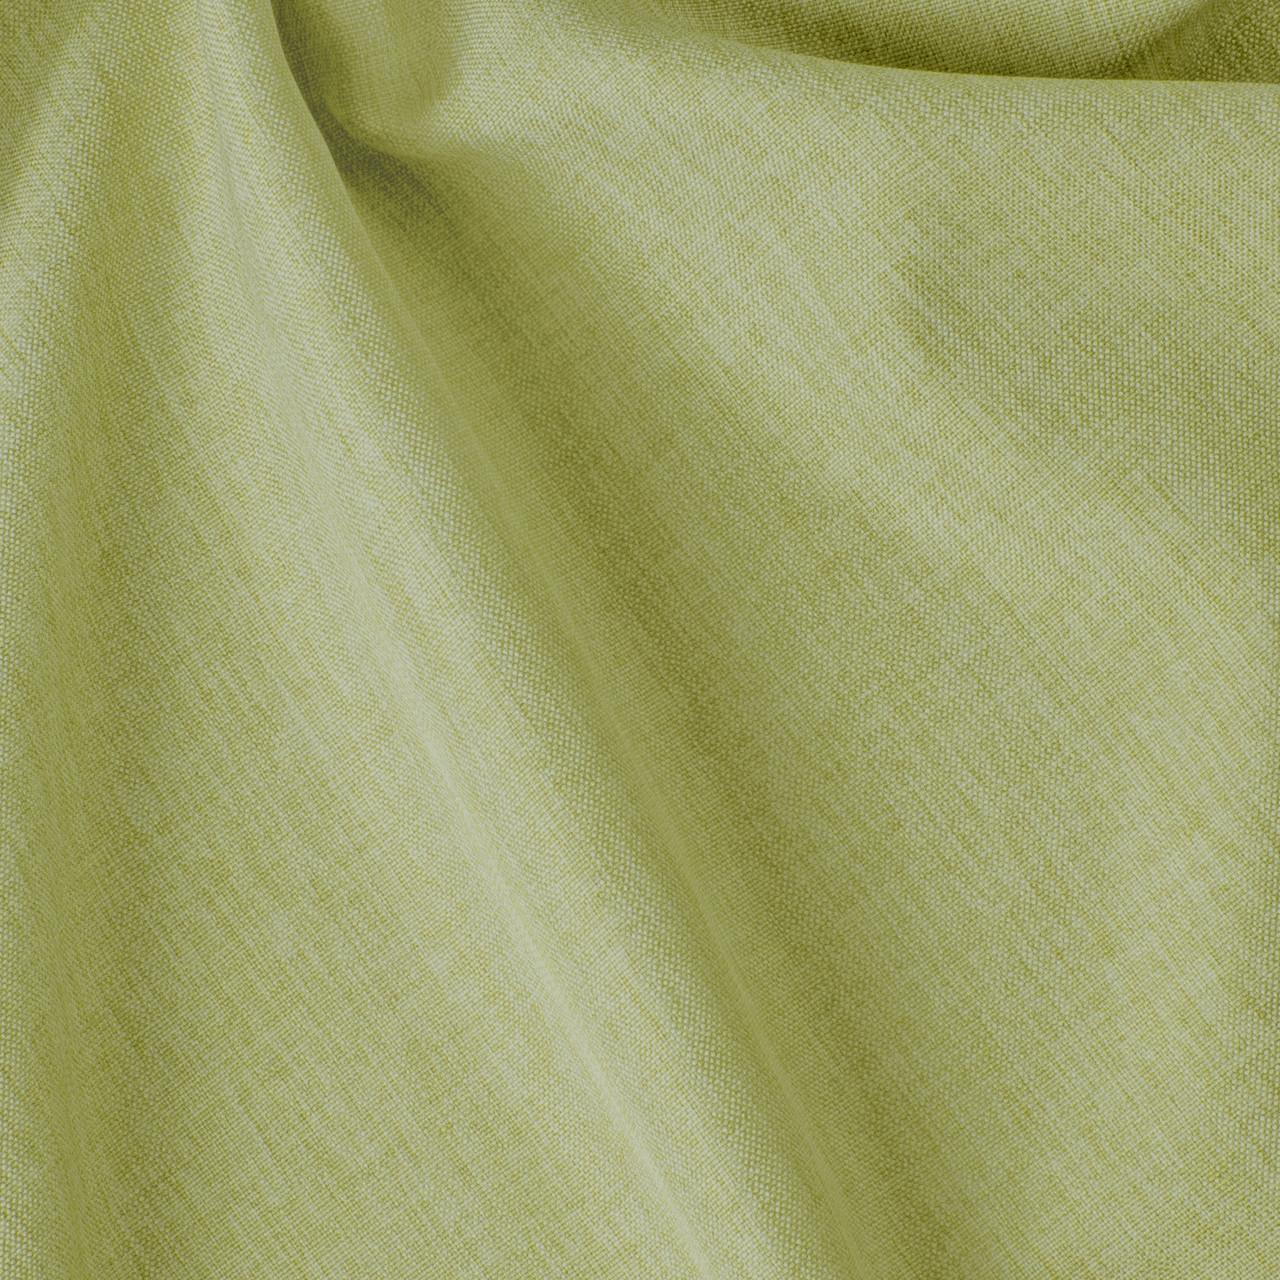 Декоративная однотонная ткань салатного цвета для штор 84472v27